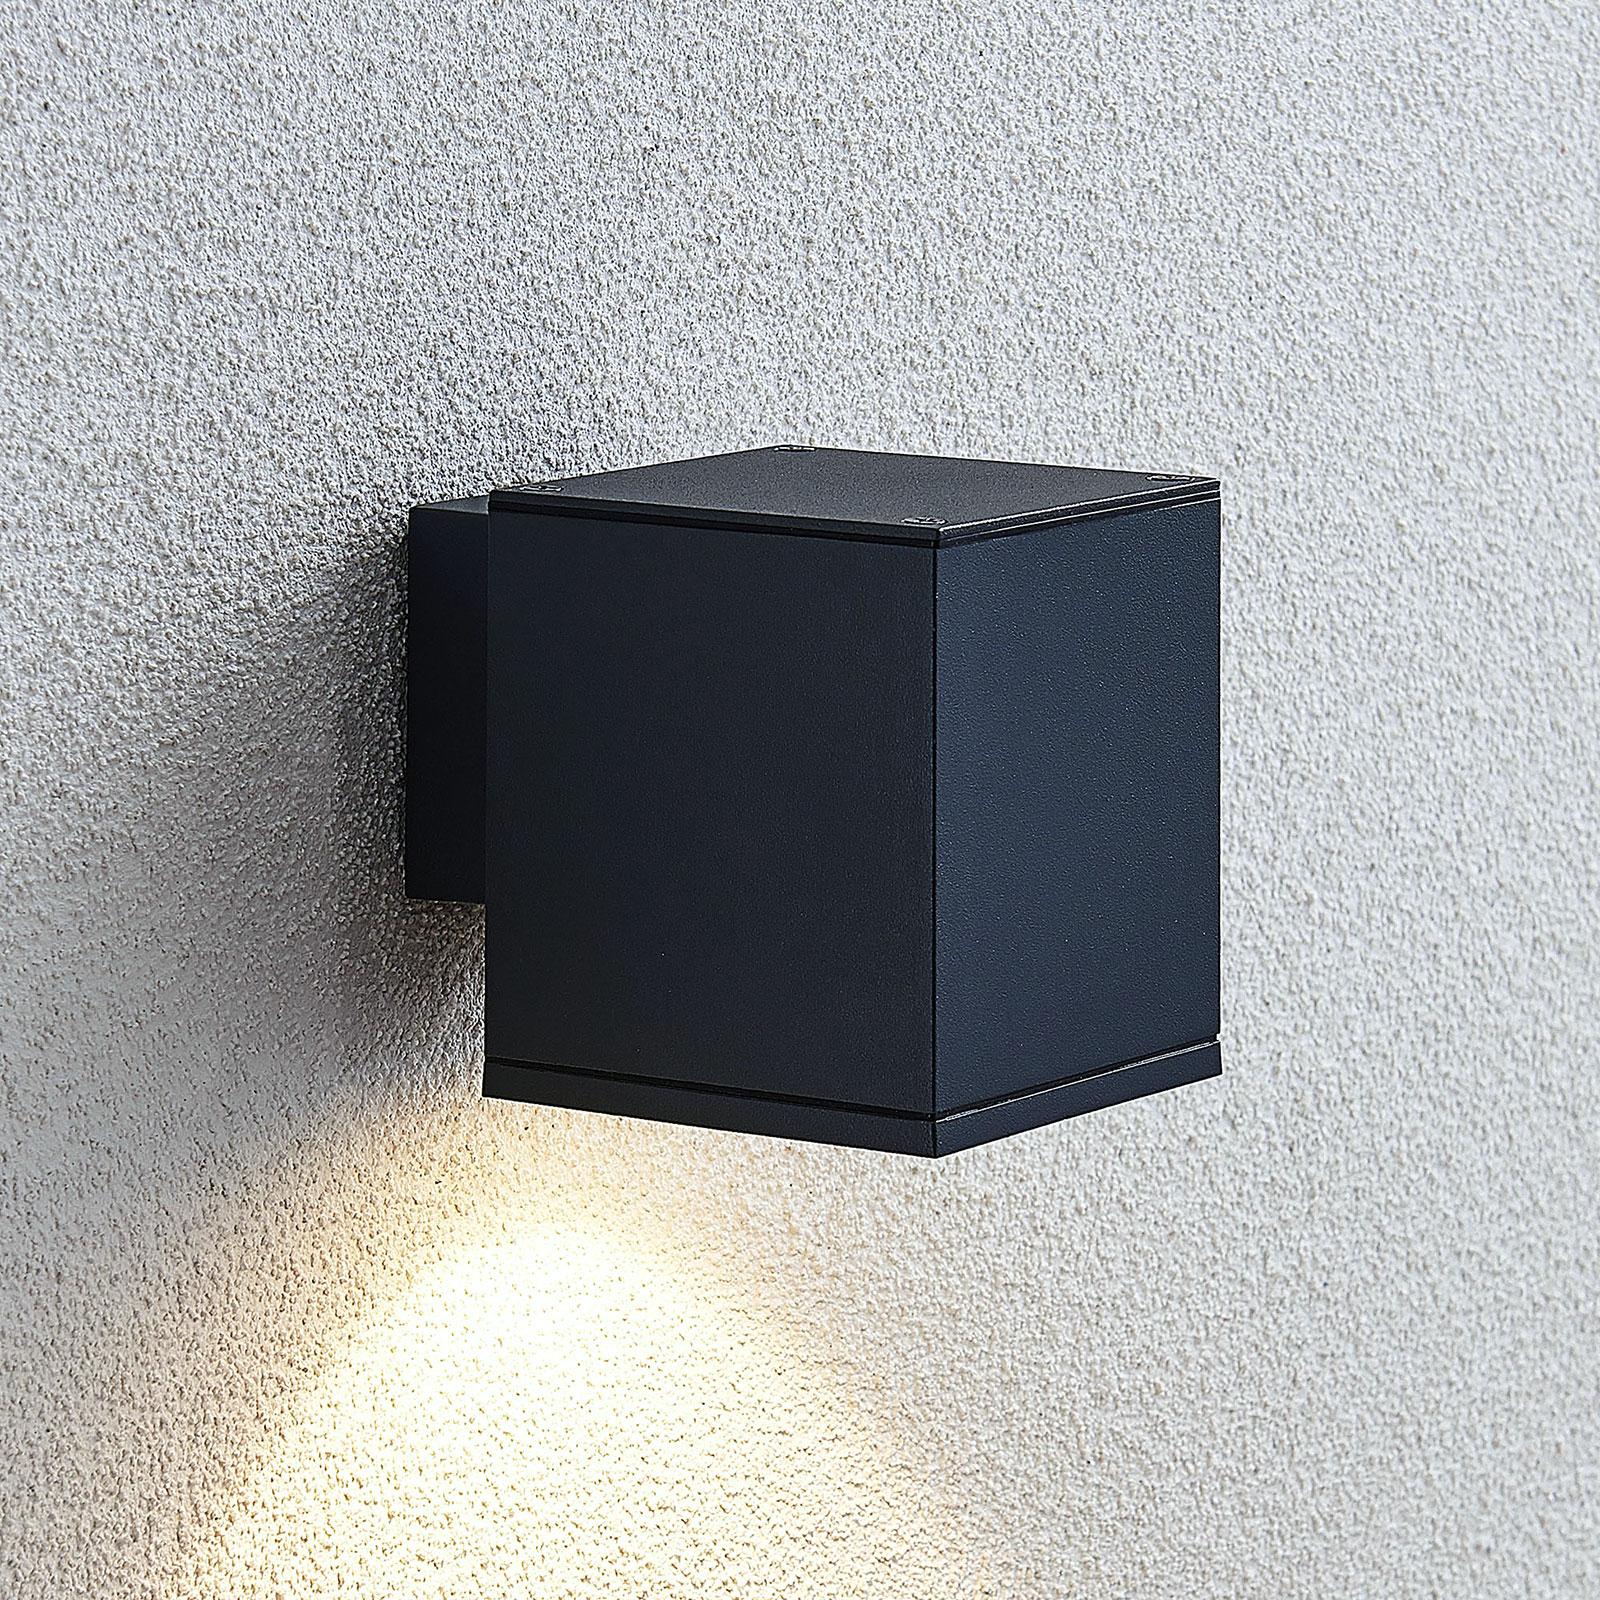 LED-Außenwandlampe Mekita, einflammig